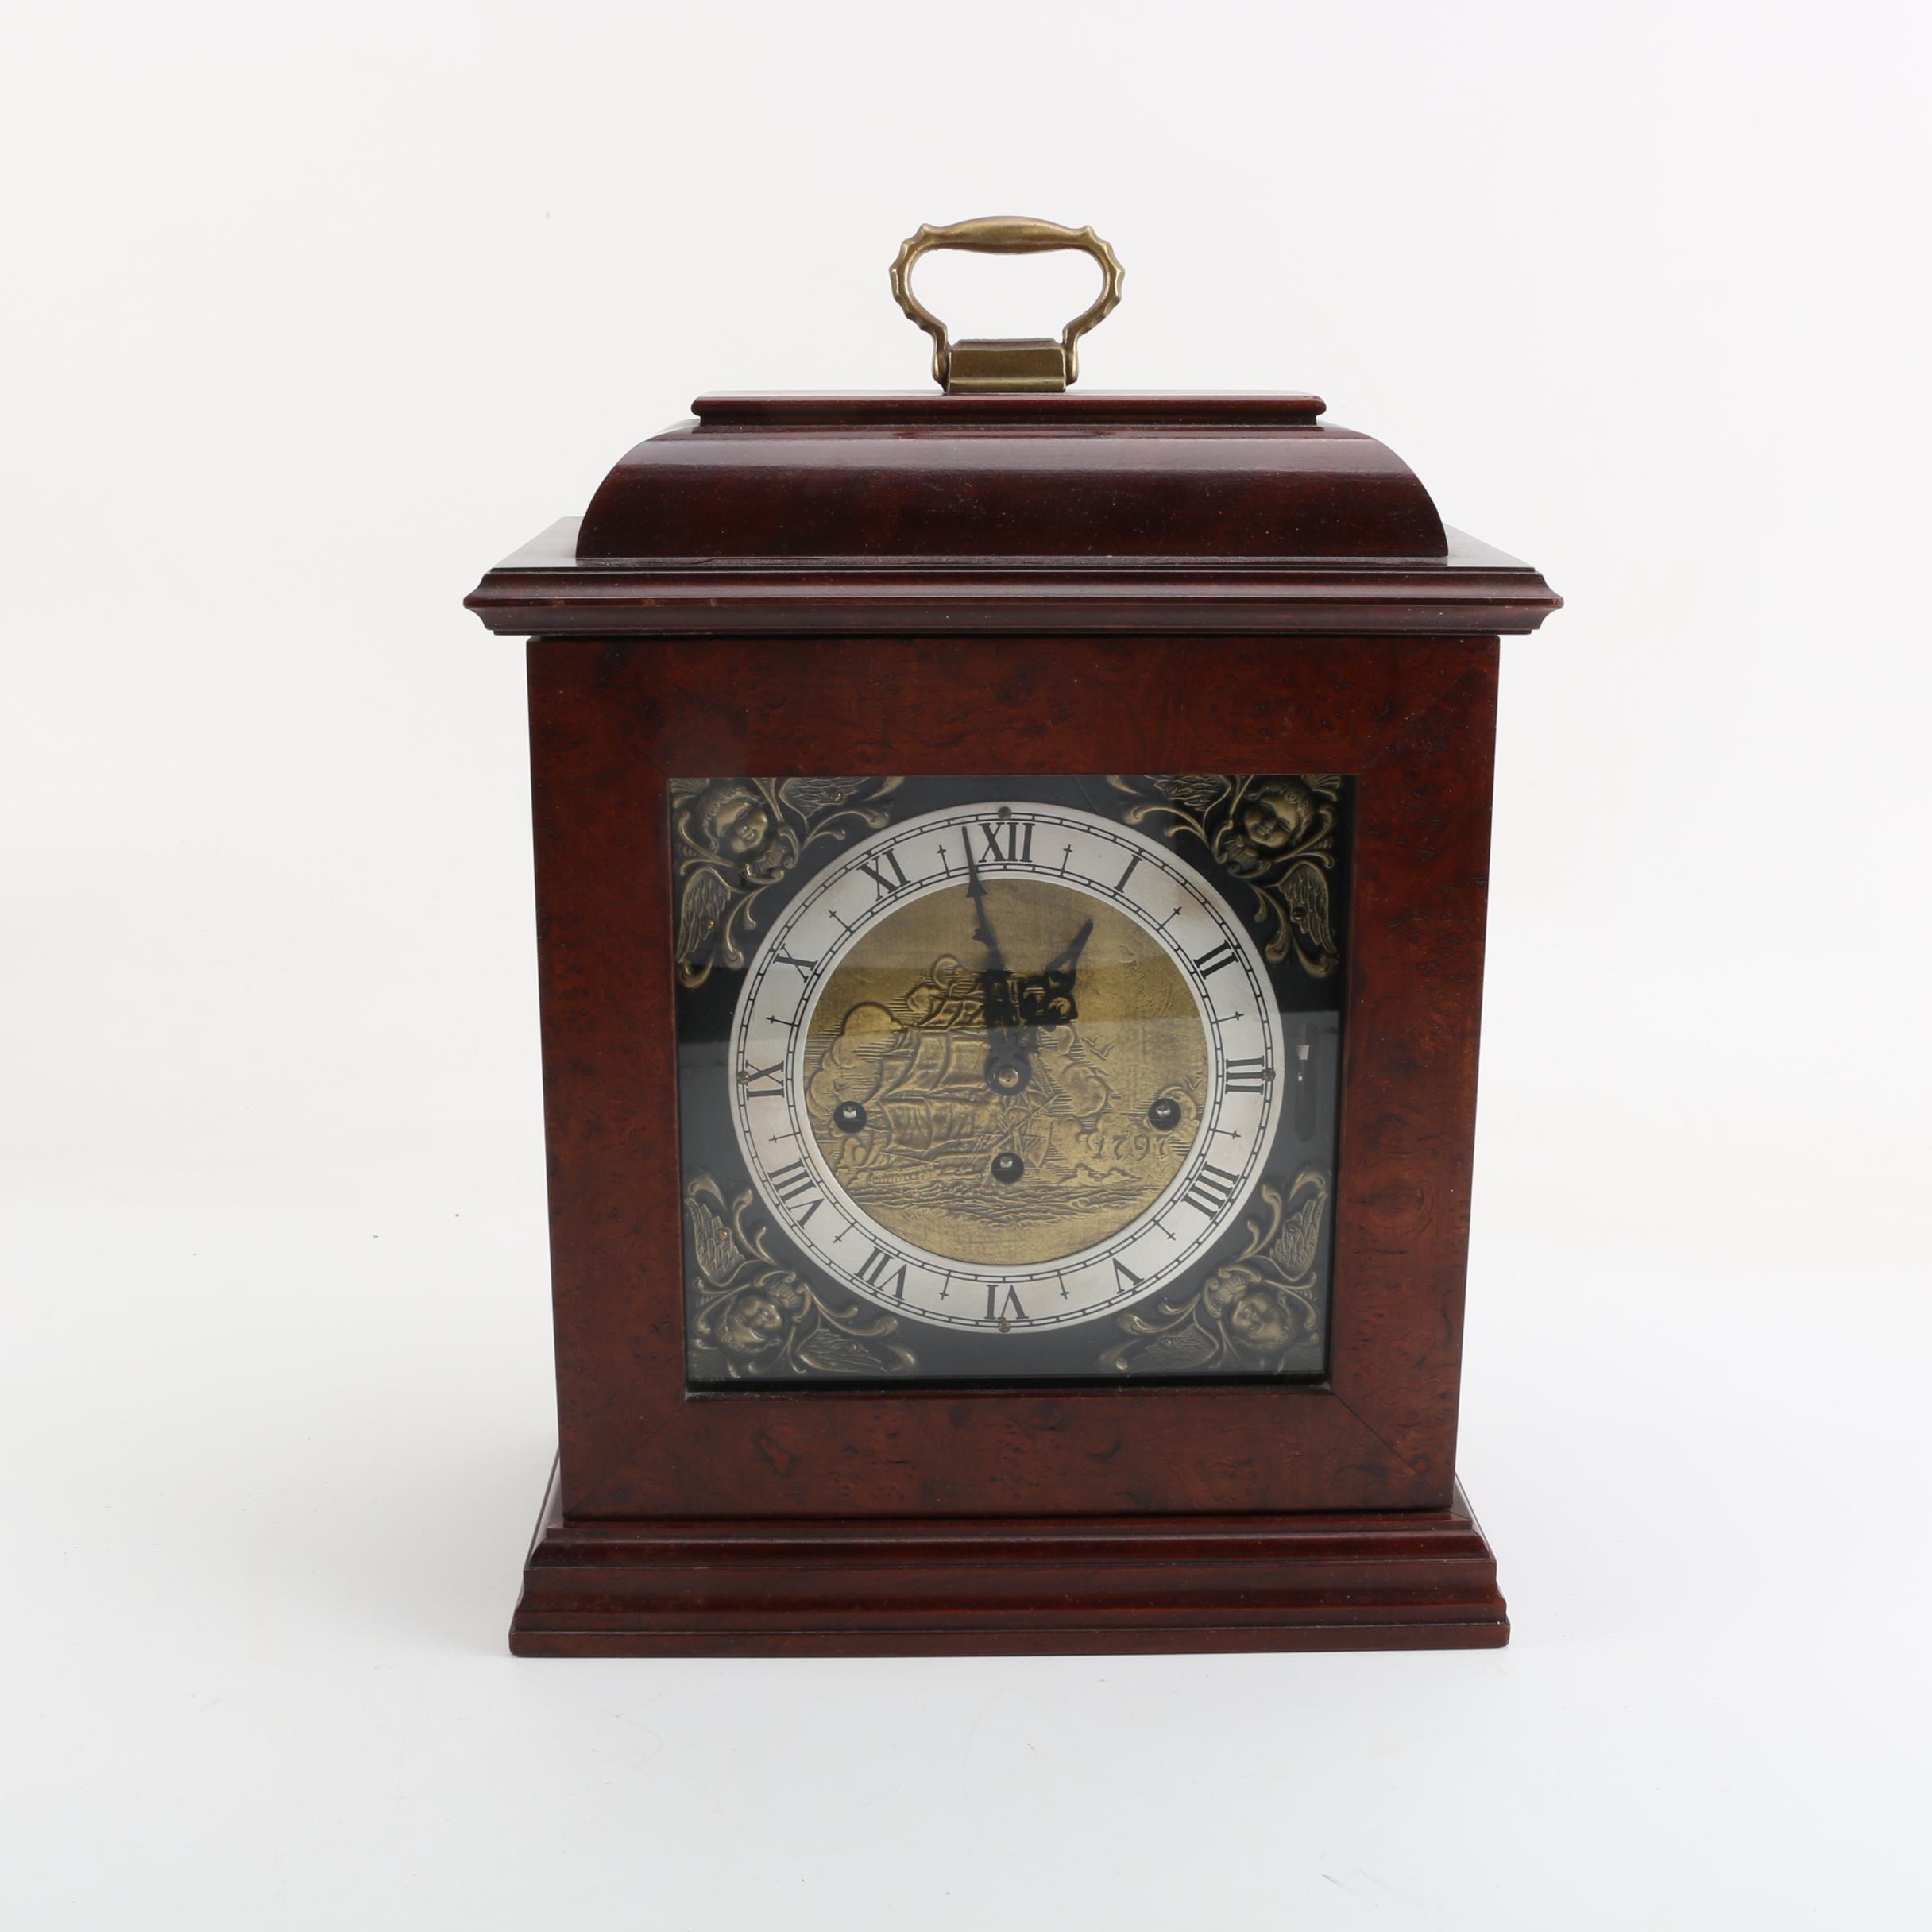 Wuersch Wood Carriage Clock